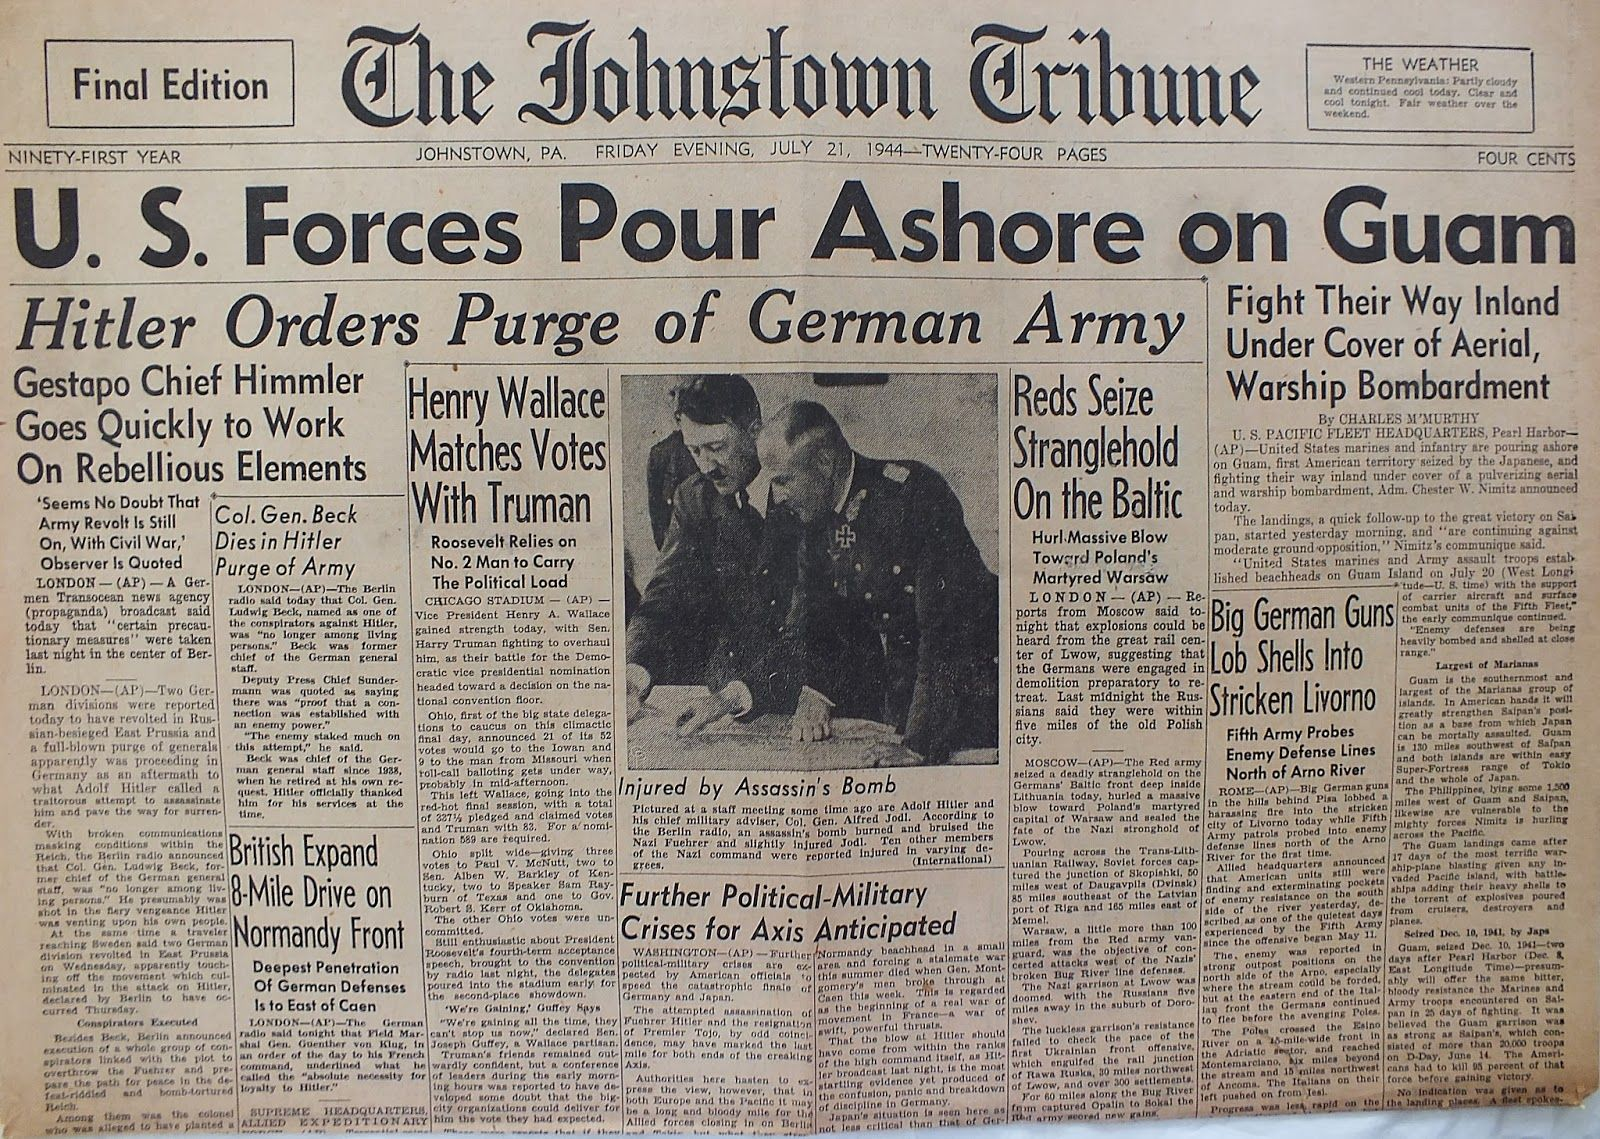 The Johnstown Tribune - World War II: July 21, 1944: U.S. Forces Pour Ashore on Guam